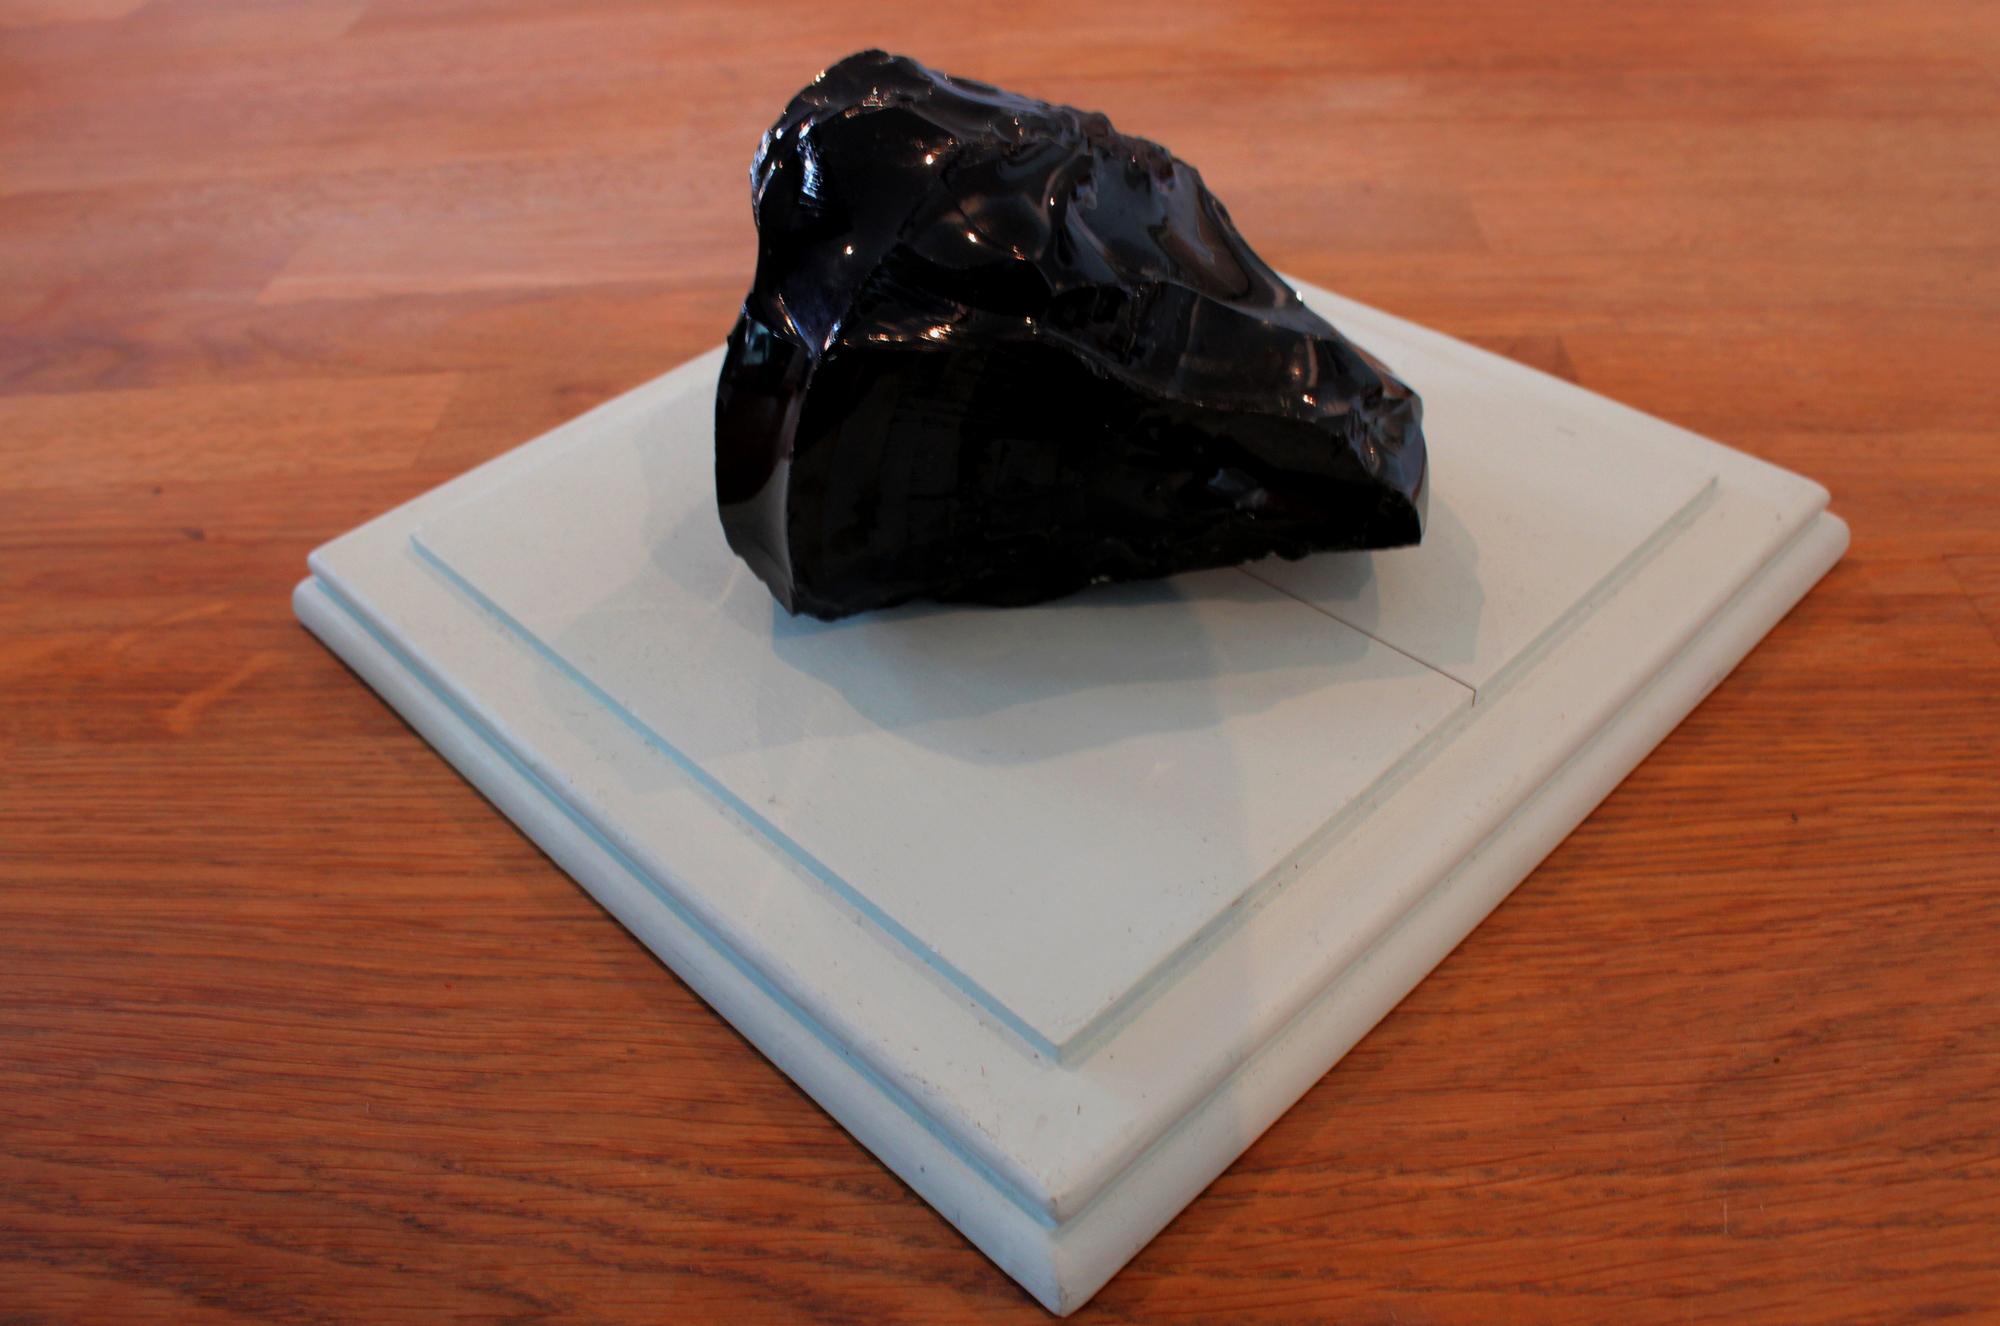 La fameuse pierre noire faite de déchets vitrifiés. ©AL